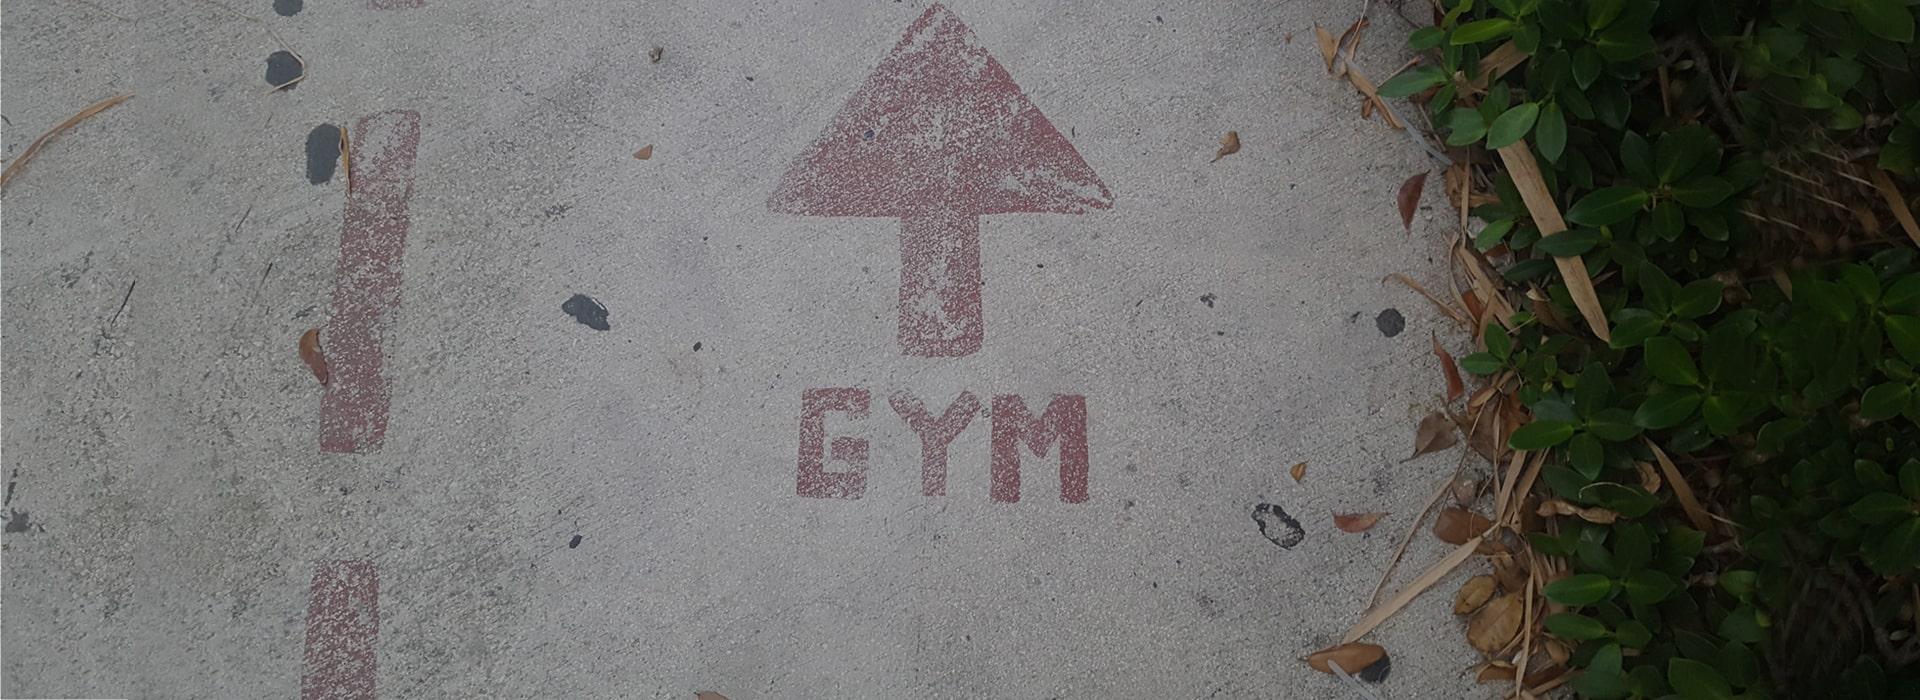 corsi-esercizi-palestra-lecce-alma-sport-benessere-fitness